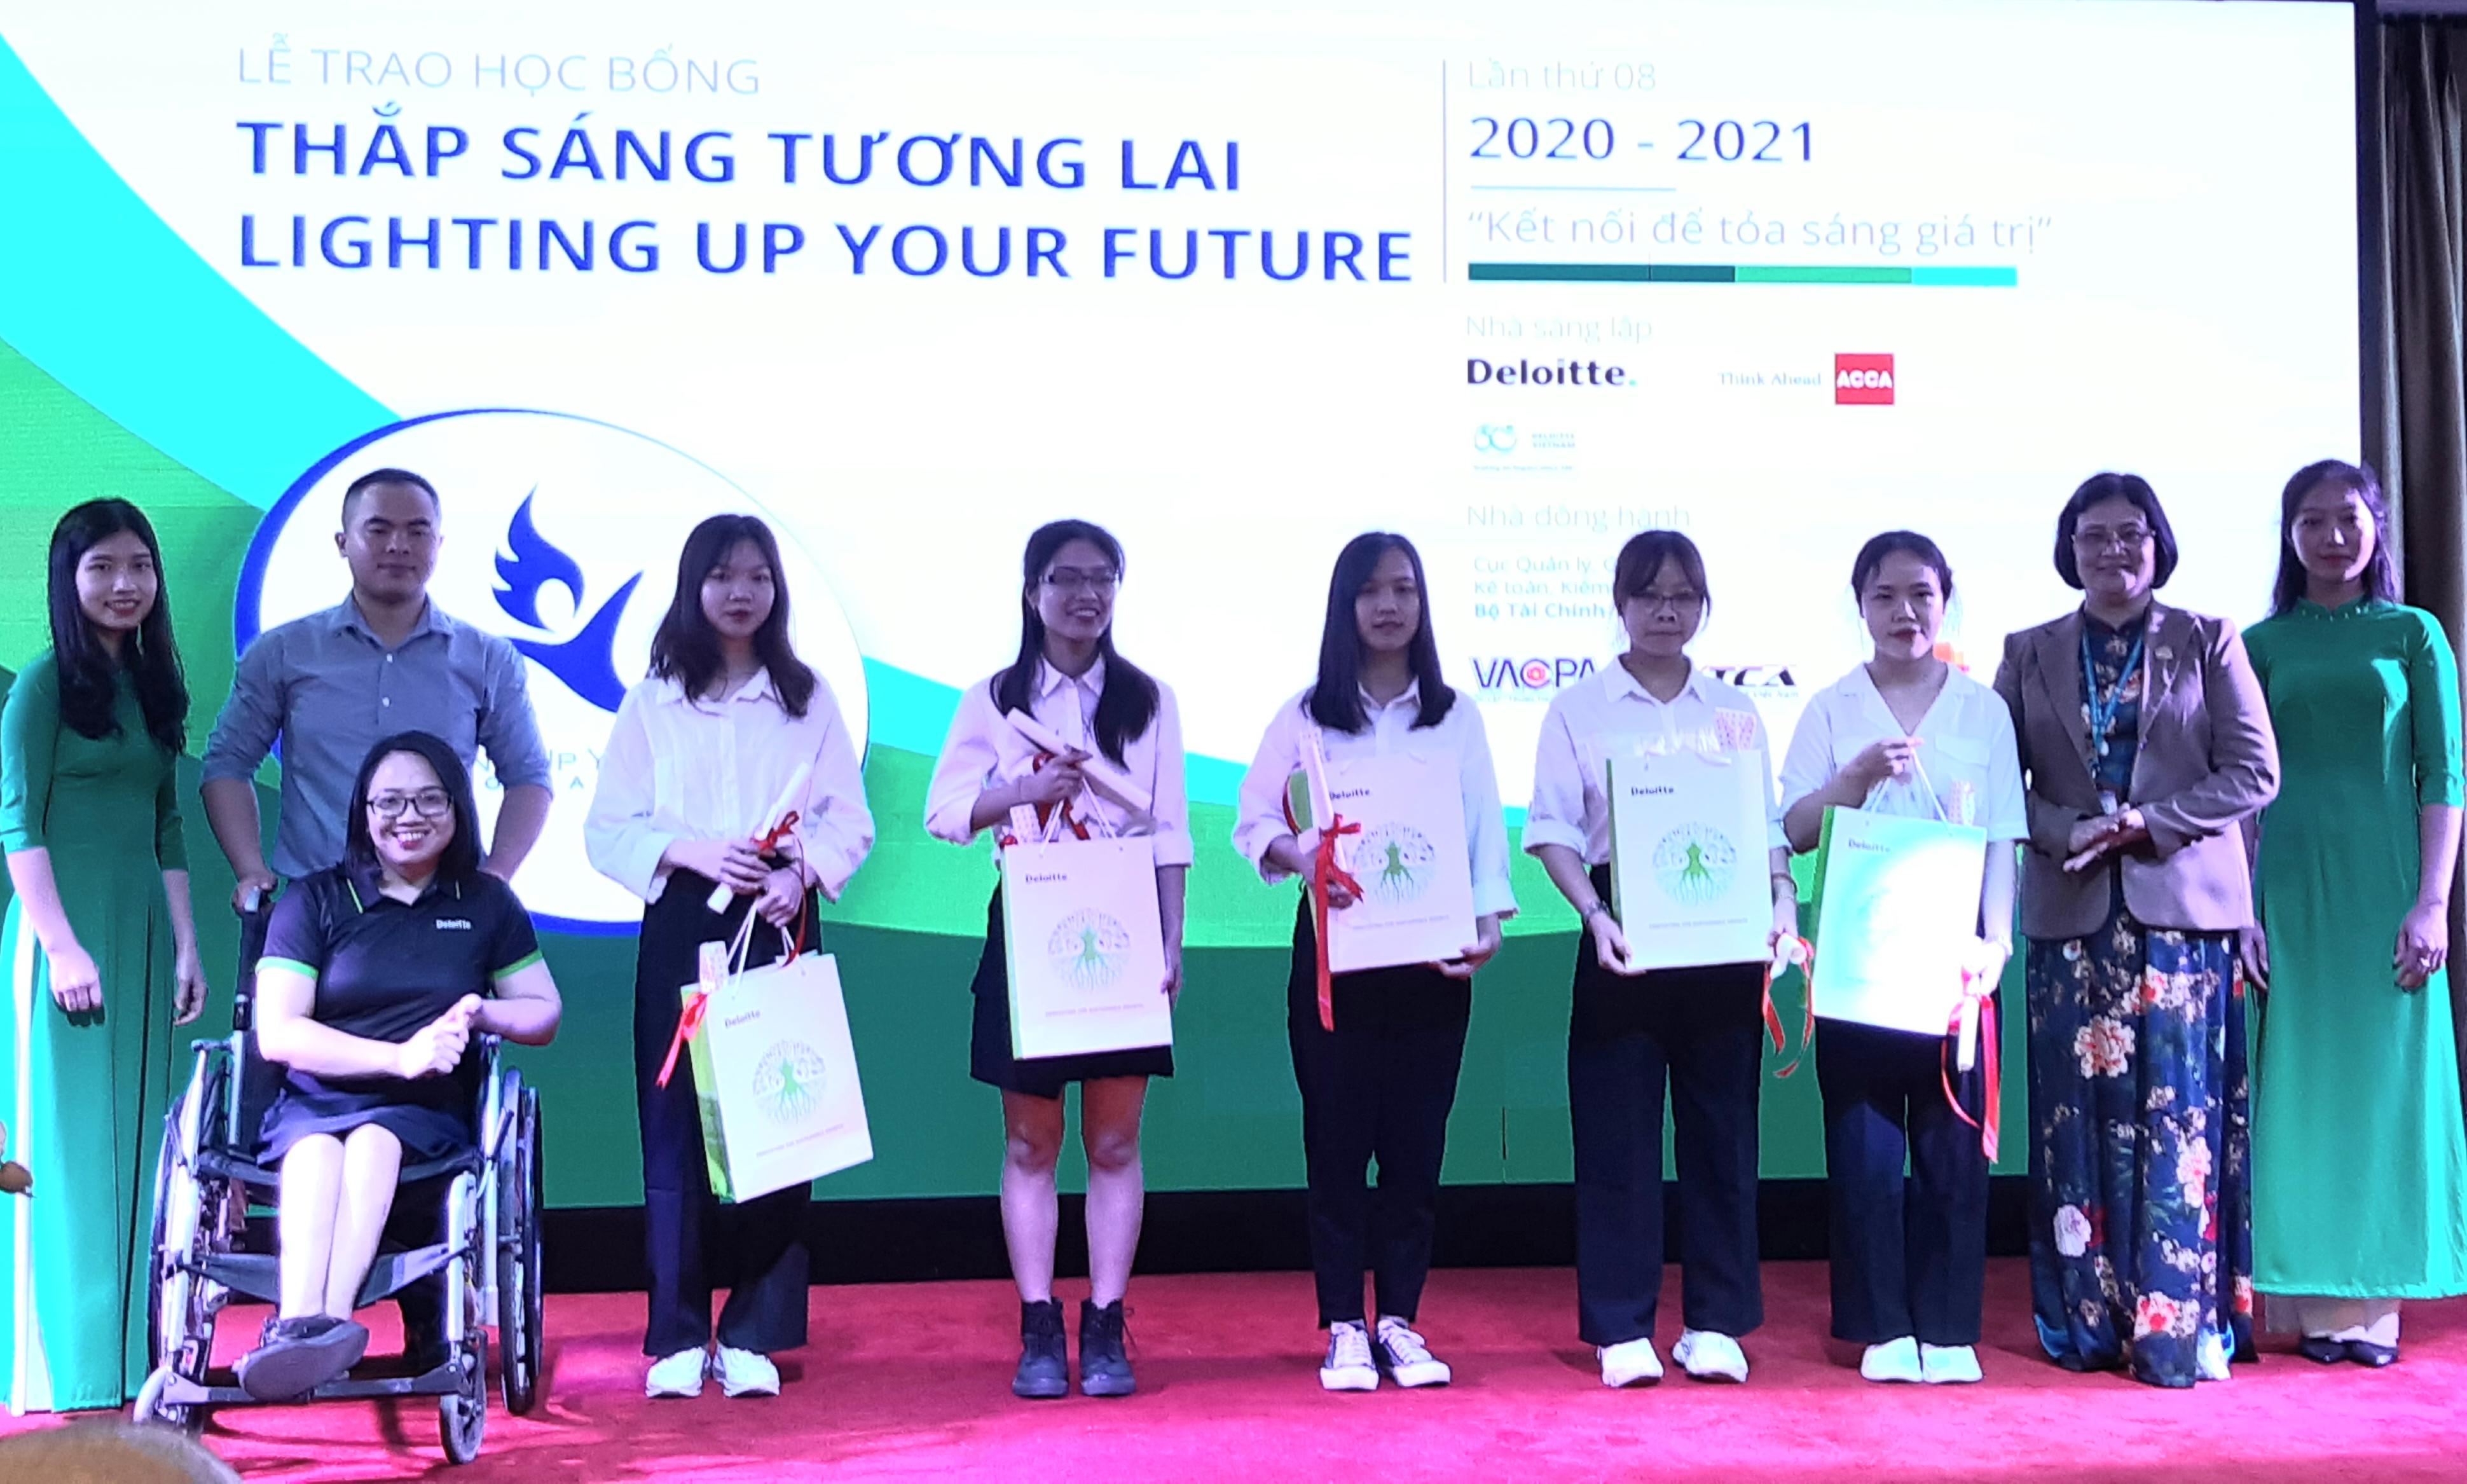 """108 sinh viên nhận học bổng """"Thắp sáng tương lai"""" năm học 2020-2021"""